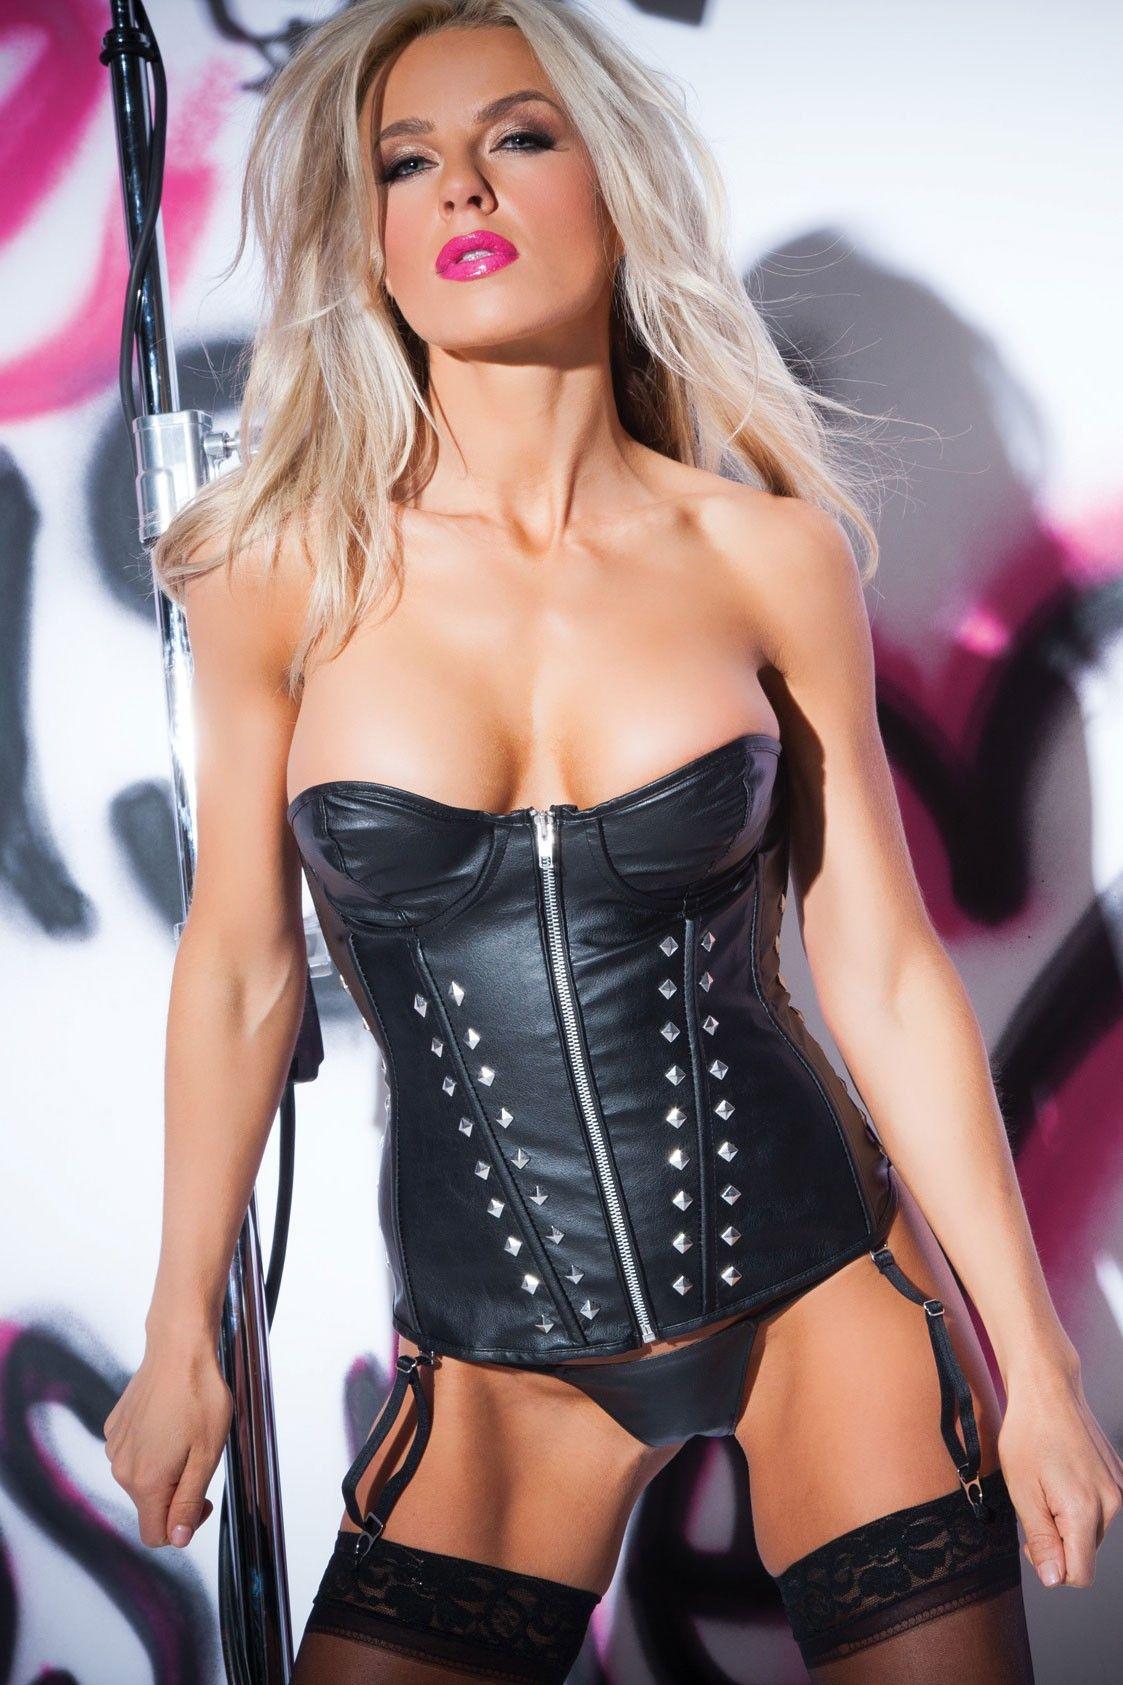 Yurizan beltran in sexy black leather lingerie